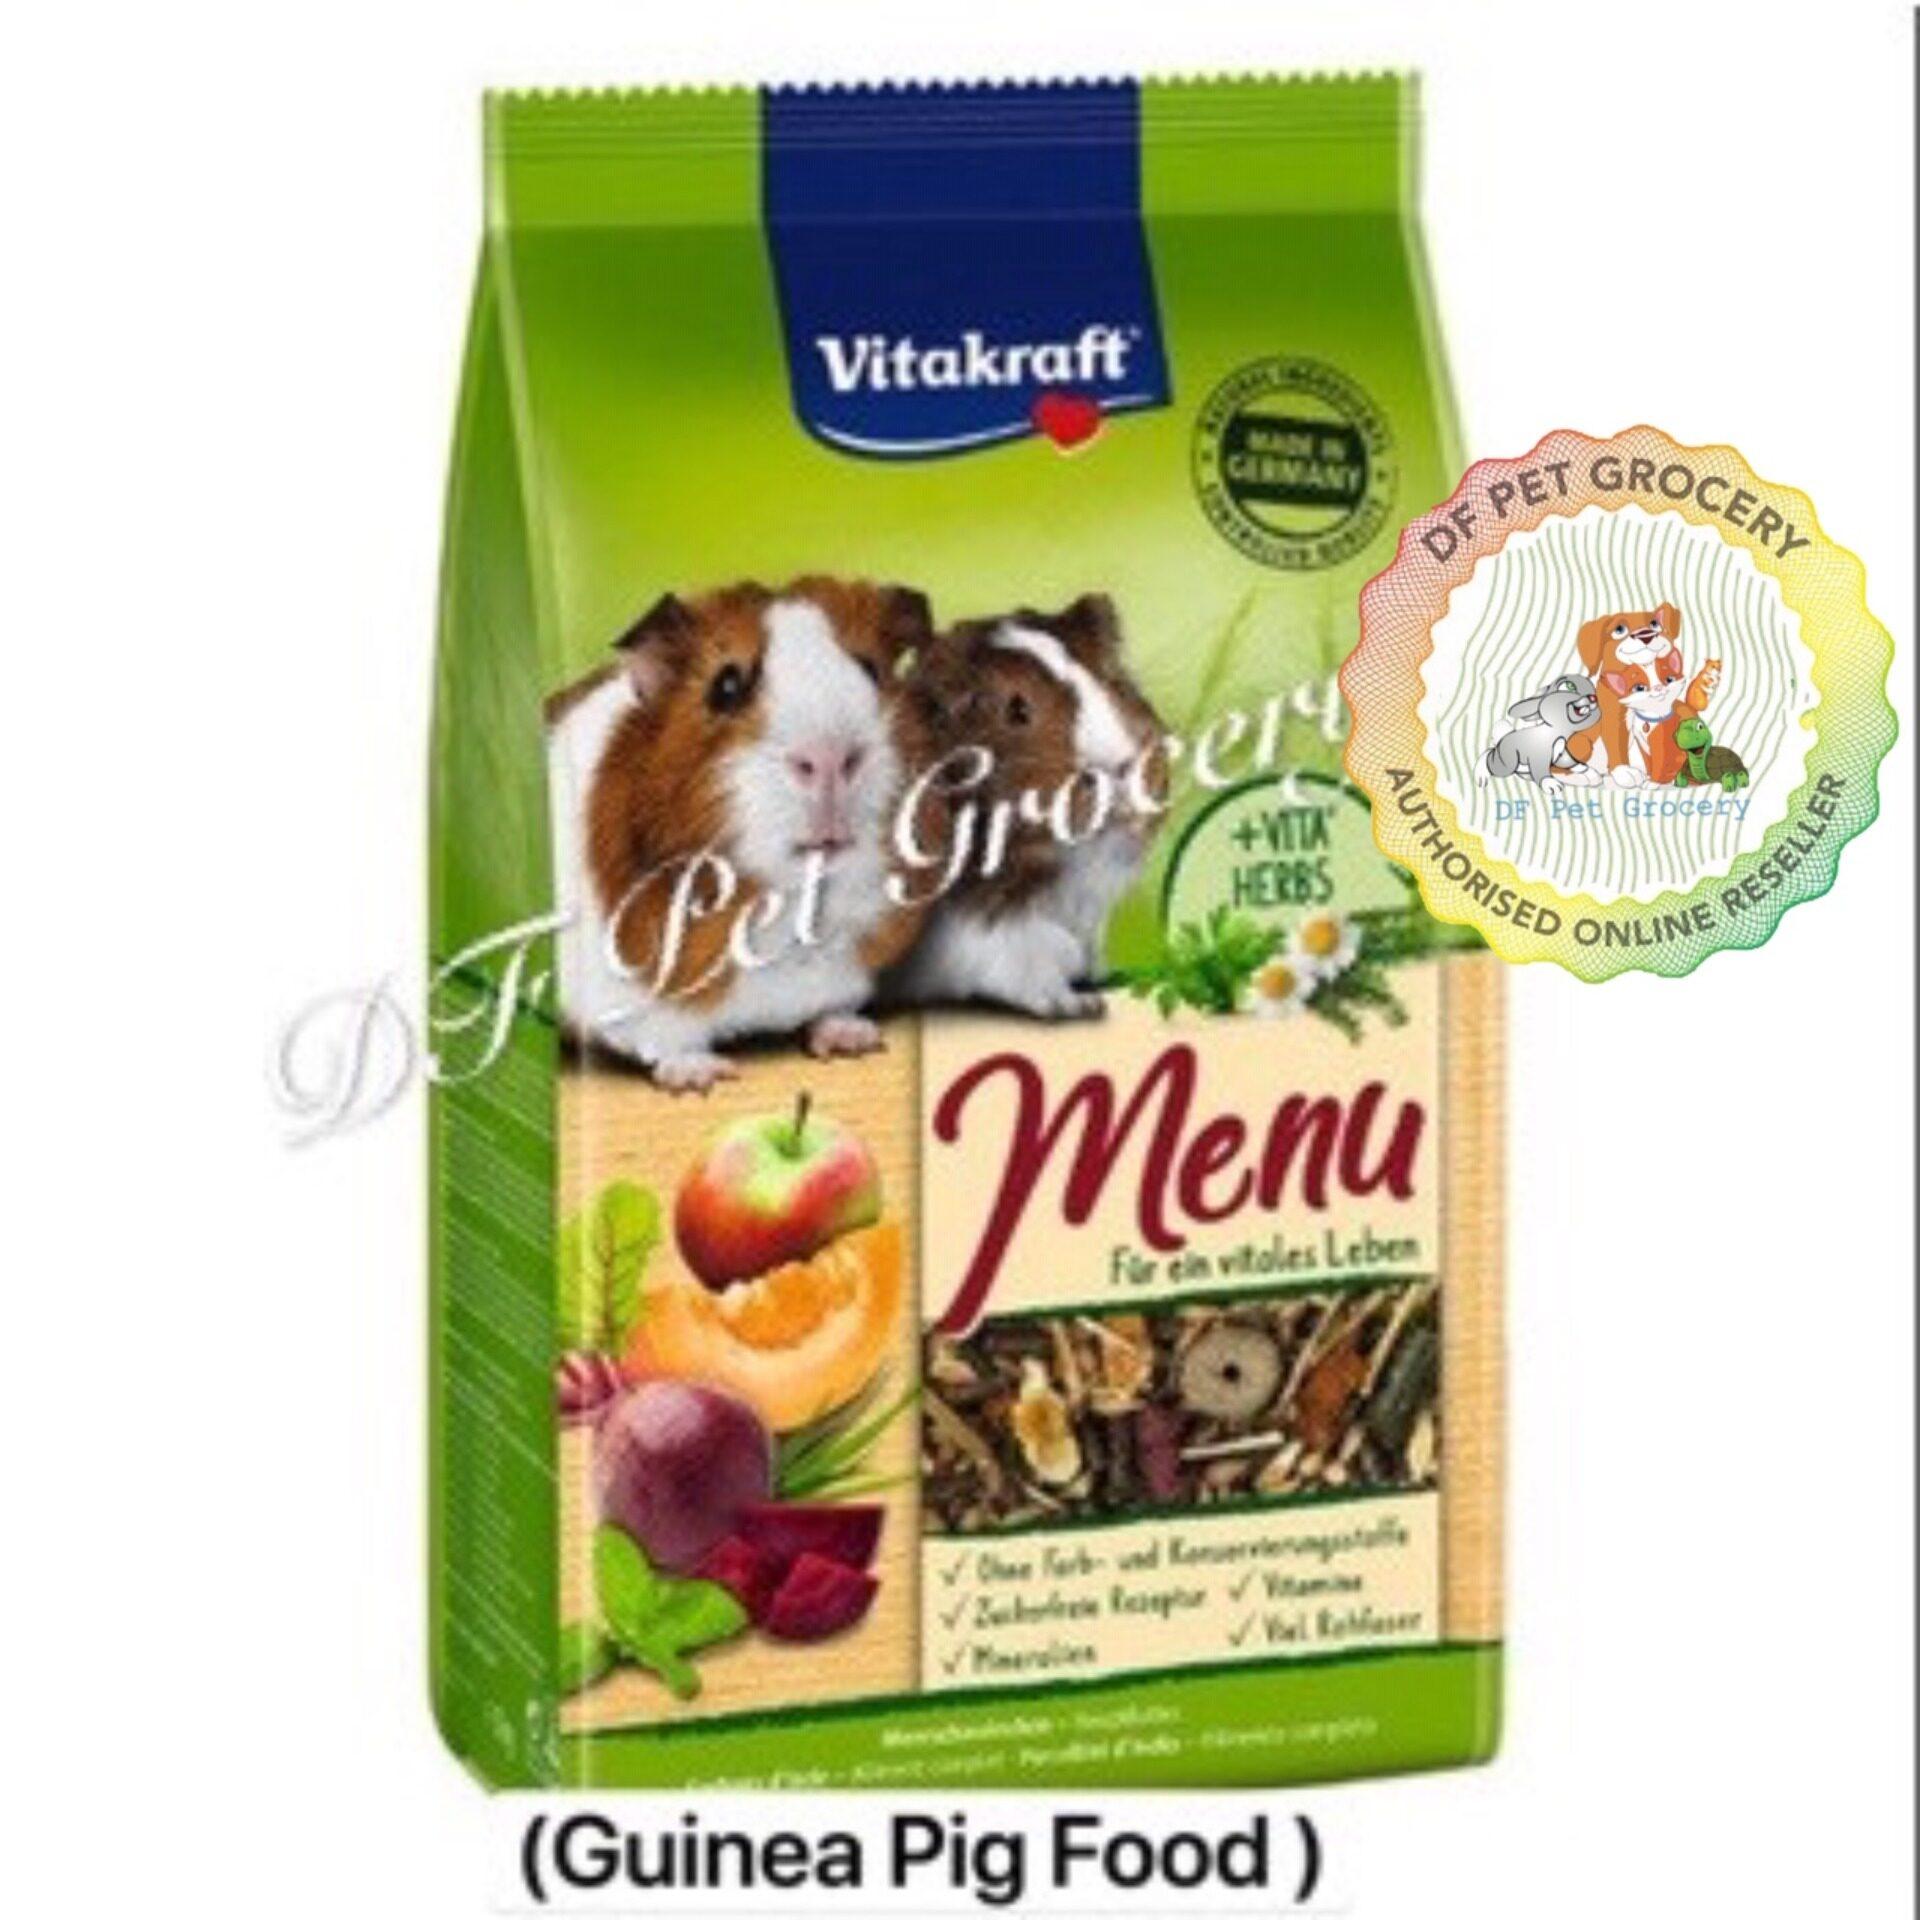 Vitakraft Menu Guinea Pig Food 1kg - Vitakraft Guinea Pig Food